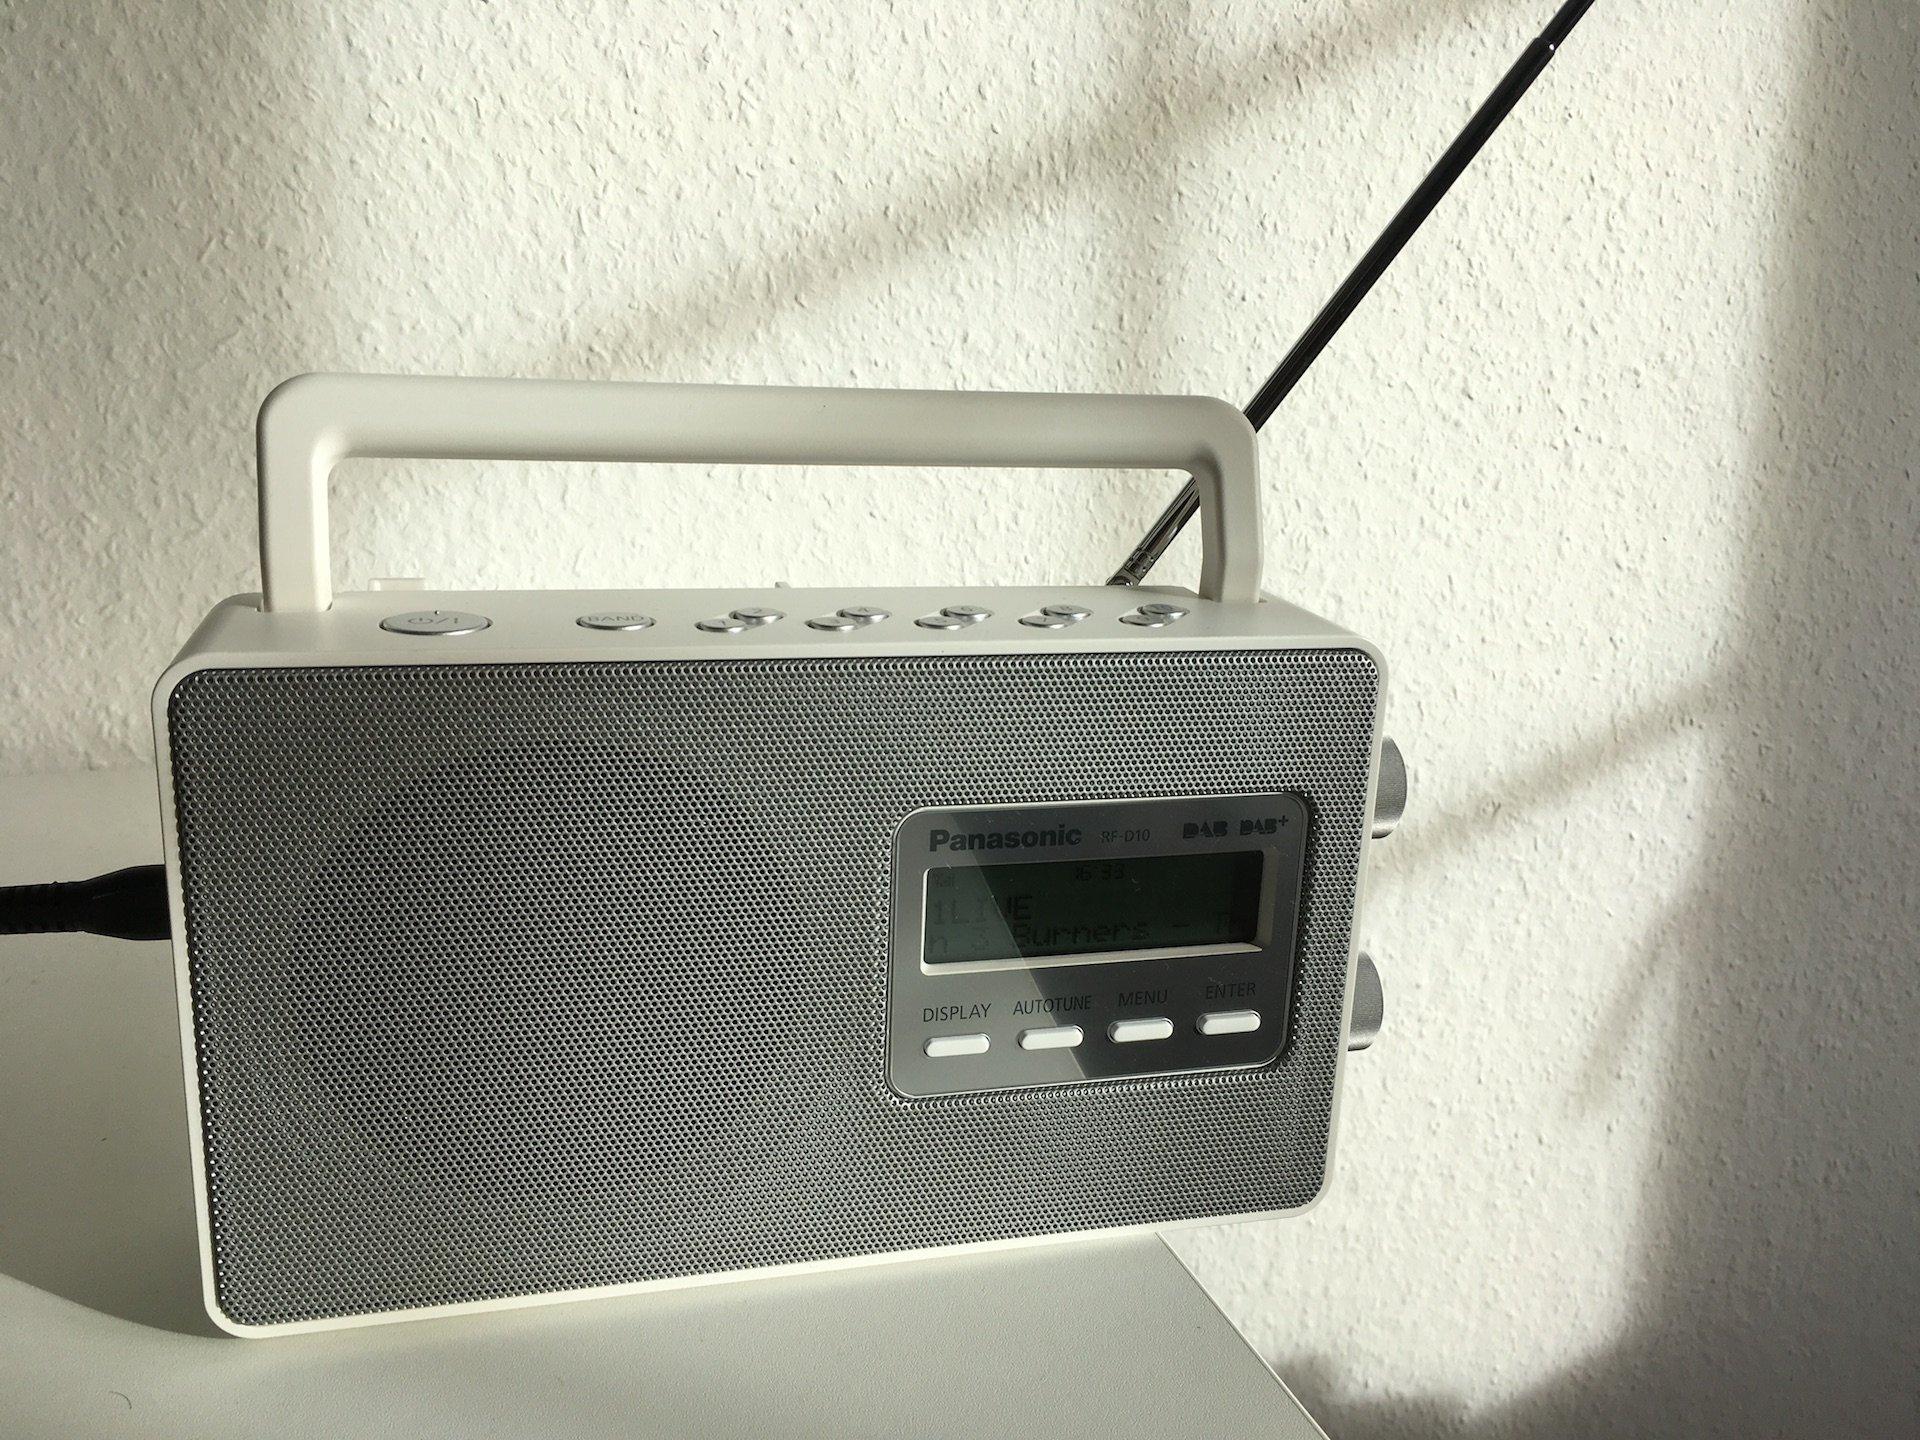 Panasonic RF D10: Auch bei DAB+ bleibt eine Antenne nach wie vor notwendig. Bild: Jürgen Vielmeier